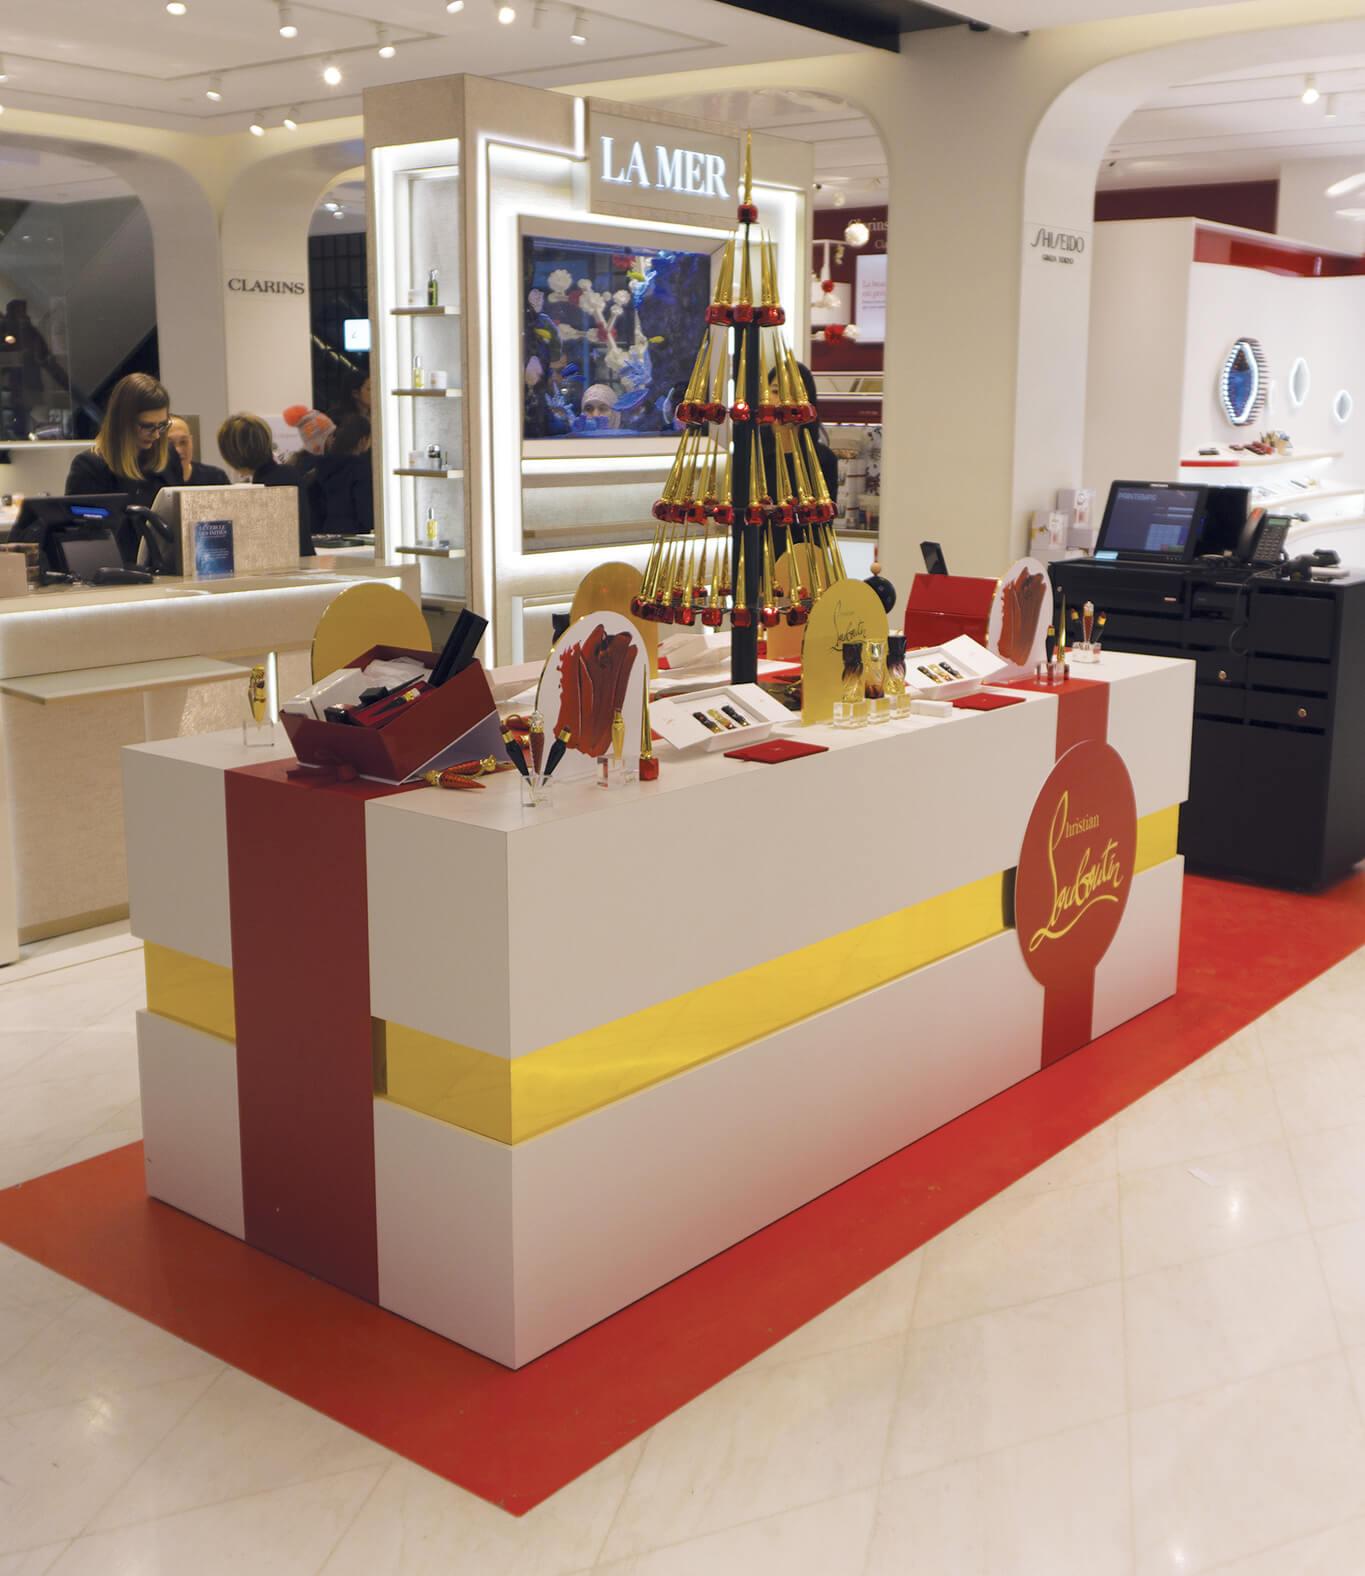 PLV cosmétique Louboutin Beauté. Design, conception, production et installation présentoir magasin (plv de sol, packaging) multi-matériaux : plexiglas, métal, plv carton.